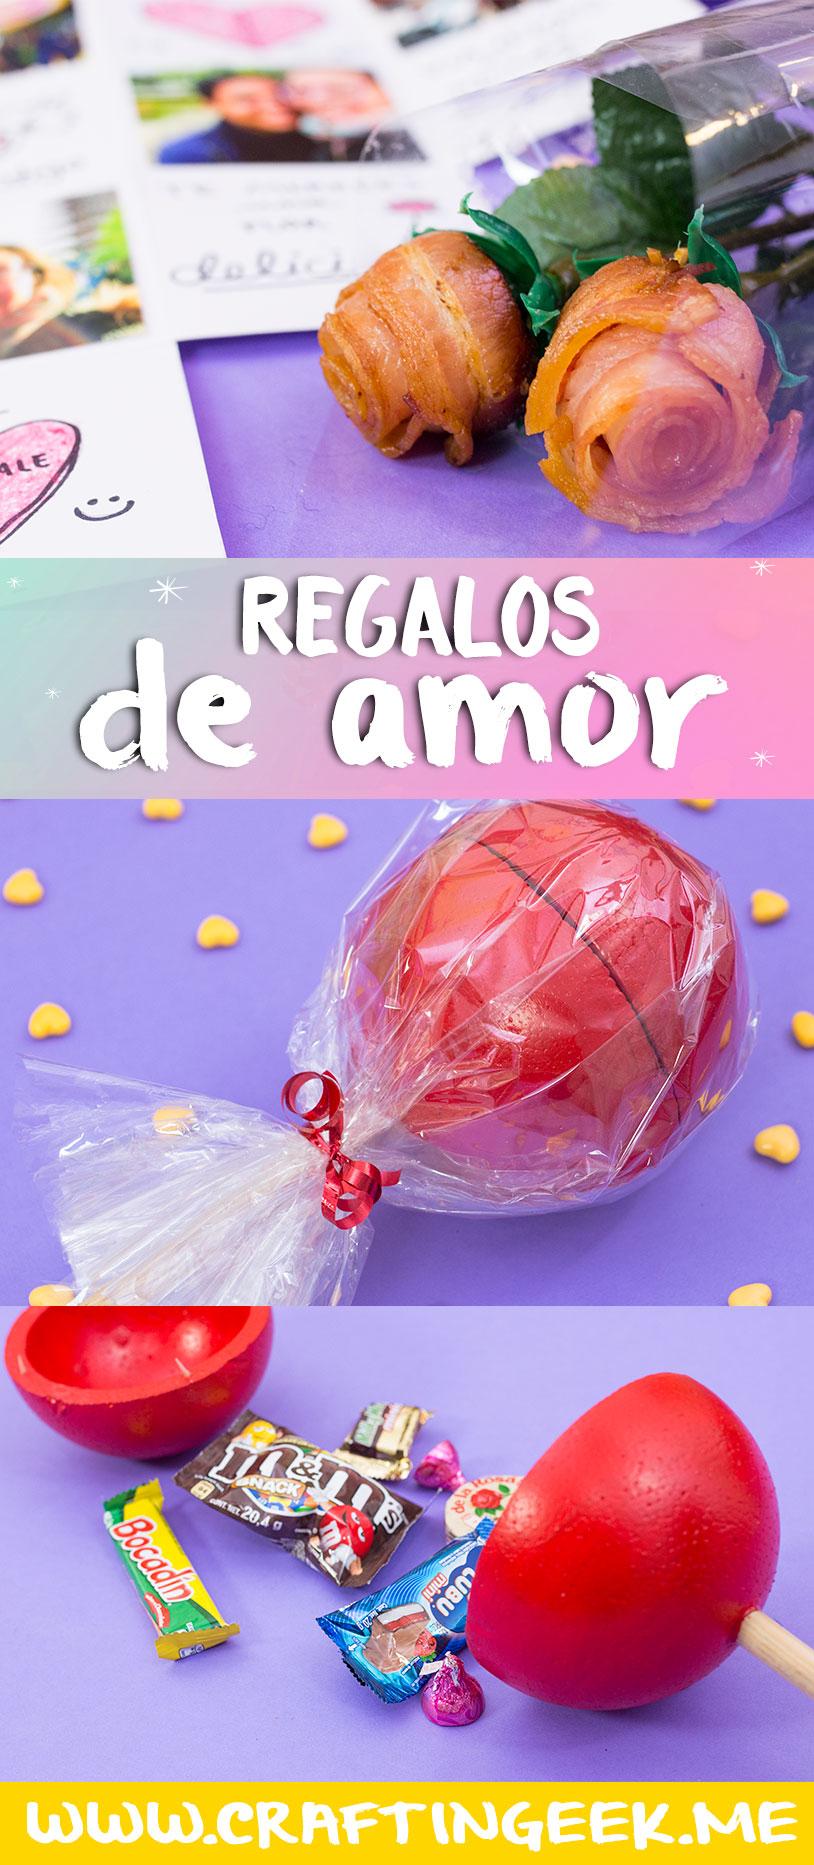 Regalos para San Valentin 3 ideas con $100 ~ Craftingeek